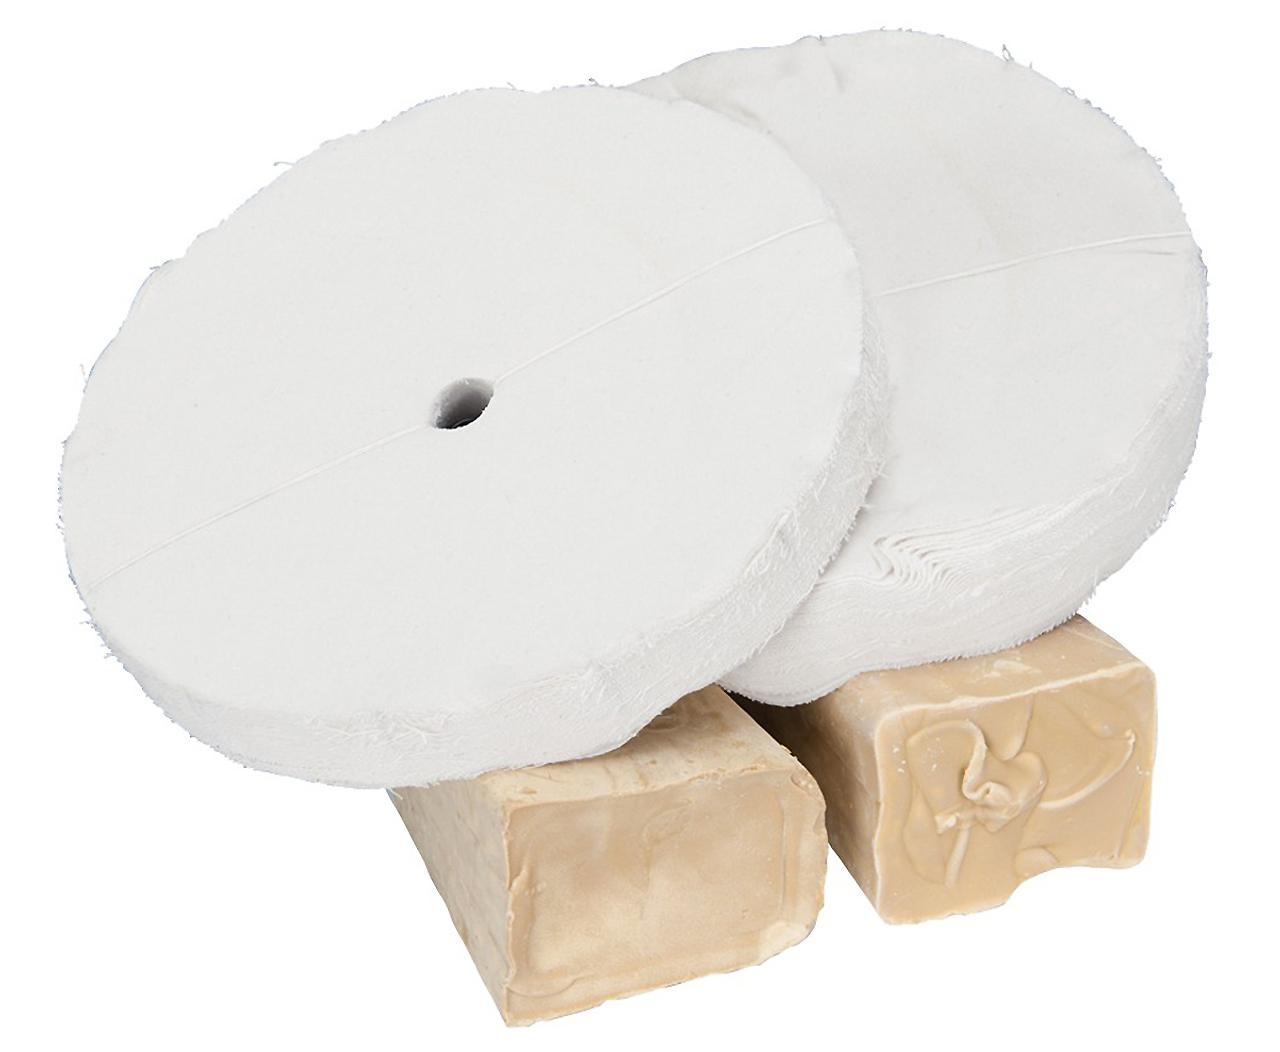 Zestaw polerski do drewna Ø 250 x 25 mm, Ø 20 mm, 4-szt. BERNARDO